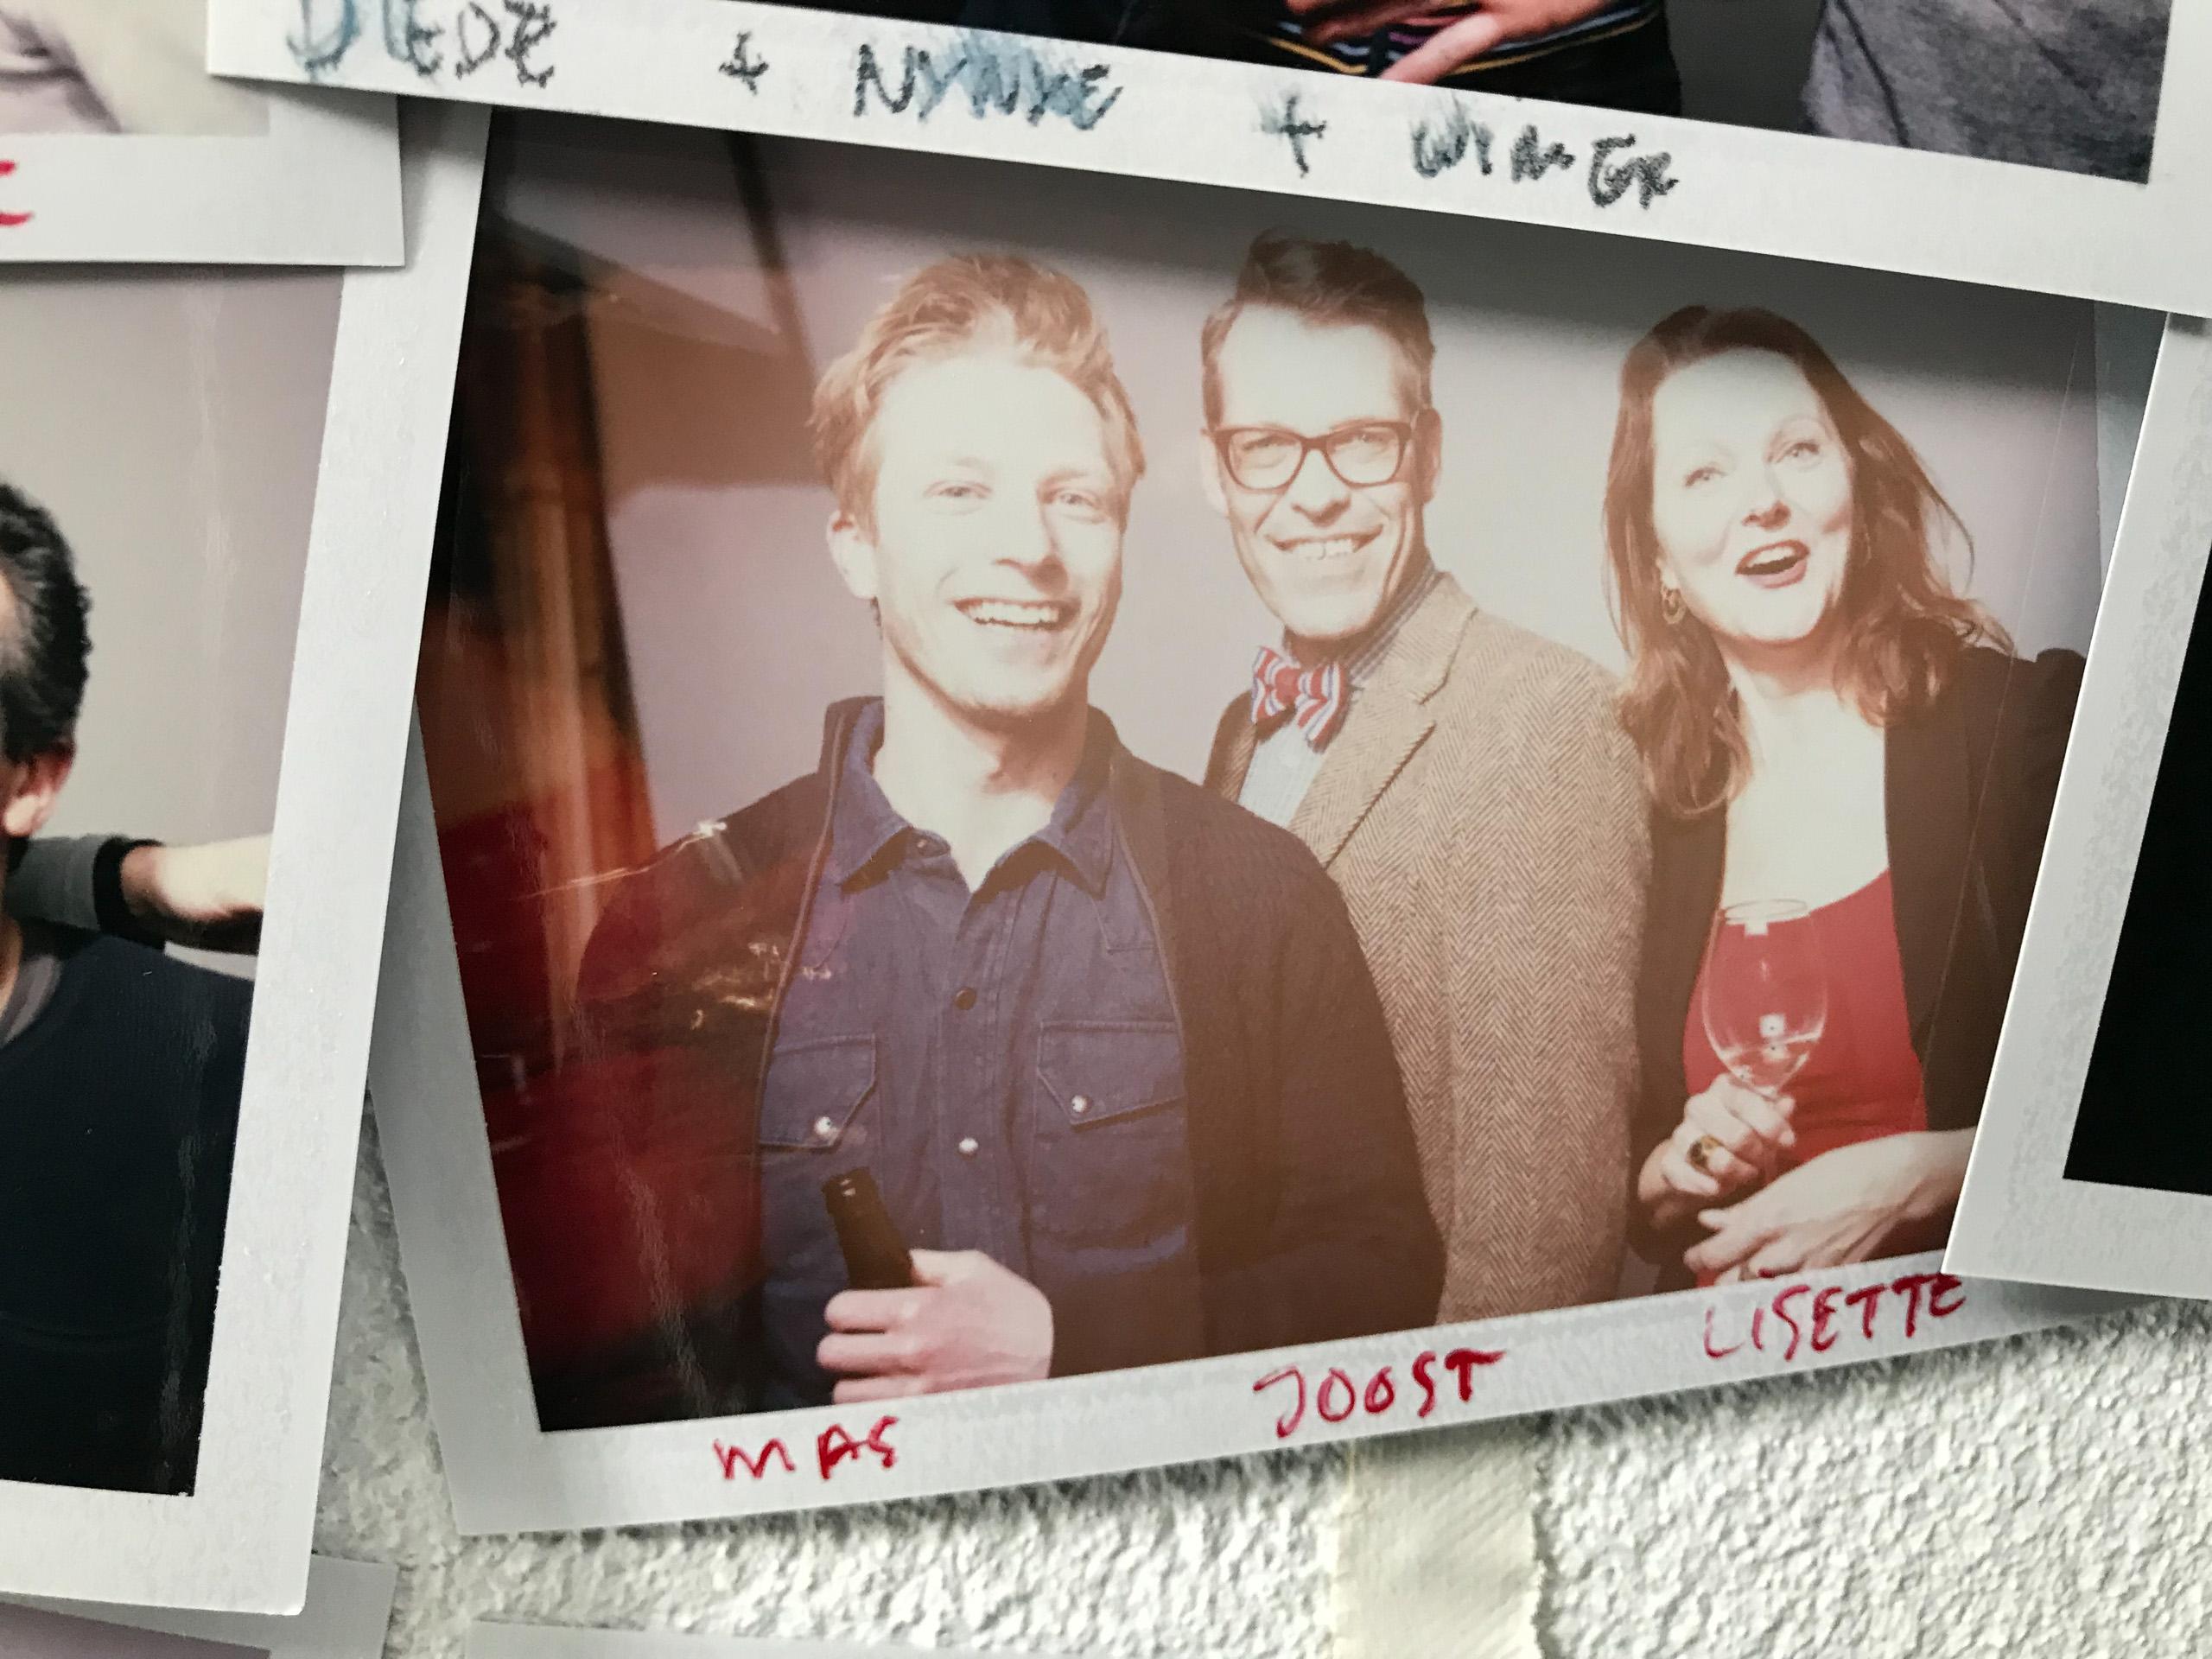 Food stylist fotograaf van een groepsfoto inclusief Joost en Lisette gemaakt door Studio_m Fotograaf Amsterdam